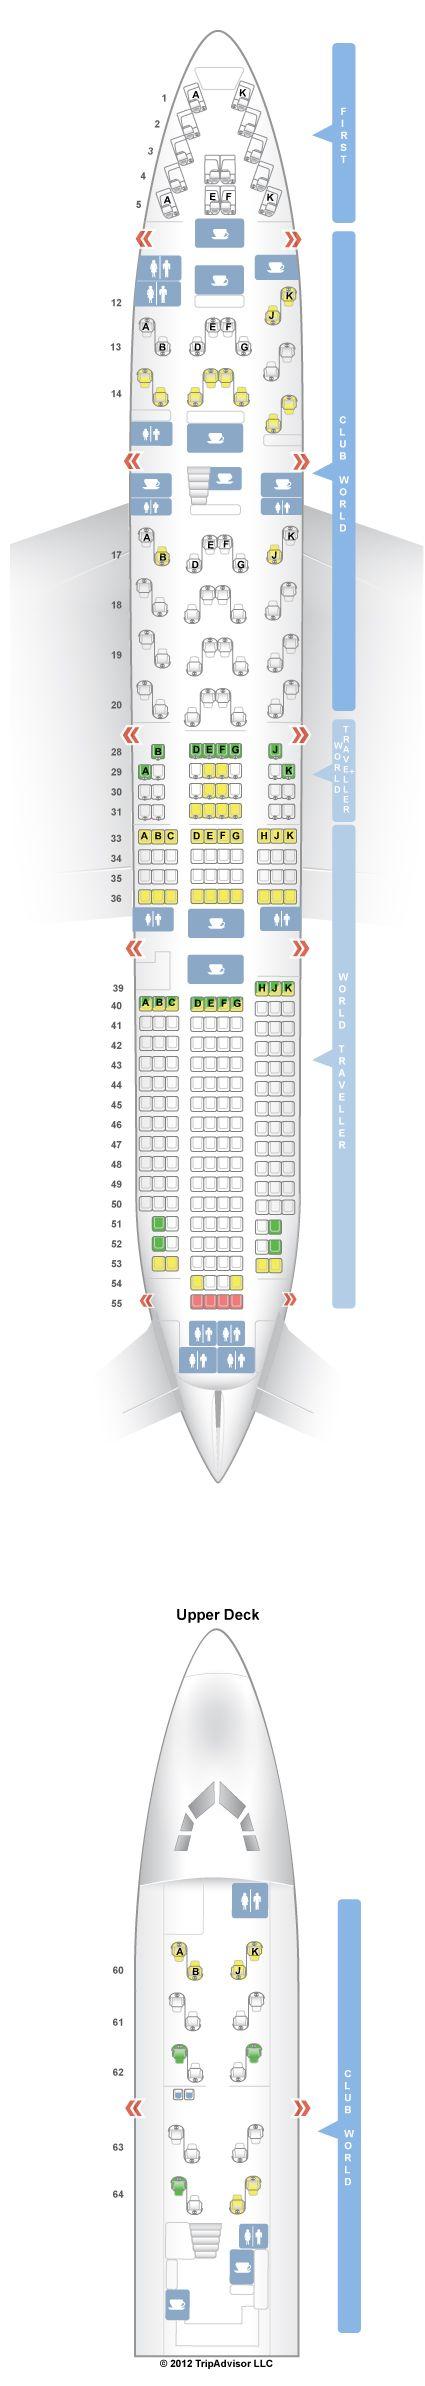 Boeing 744 Seating Plan